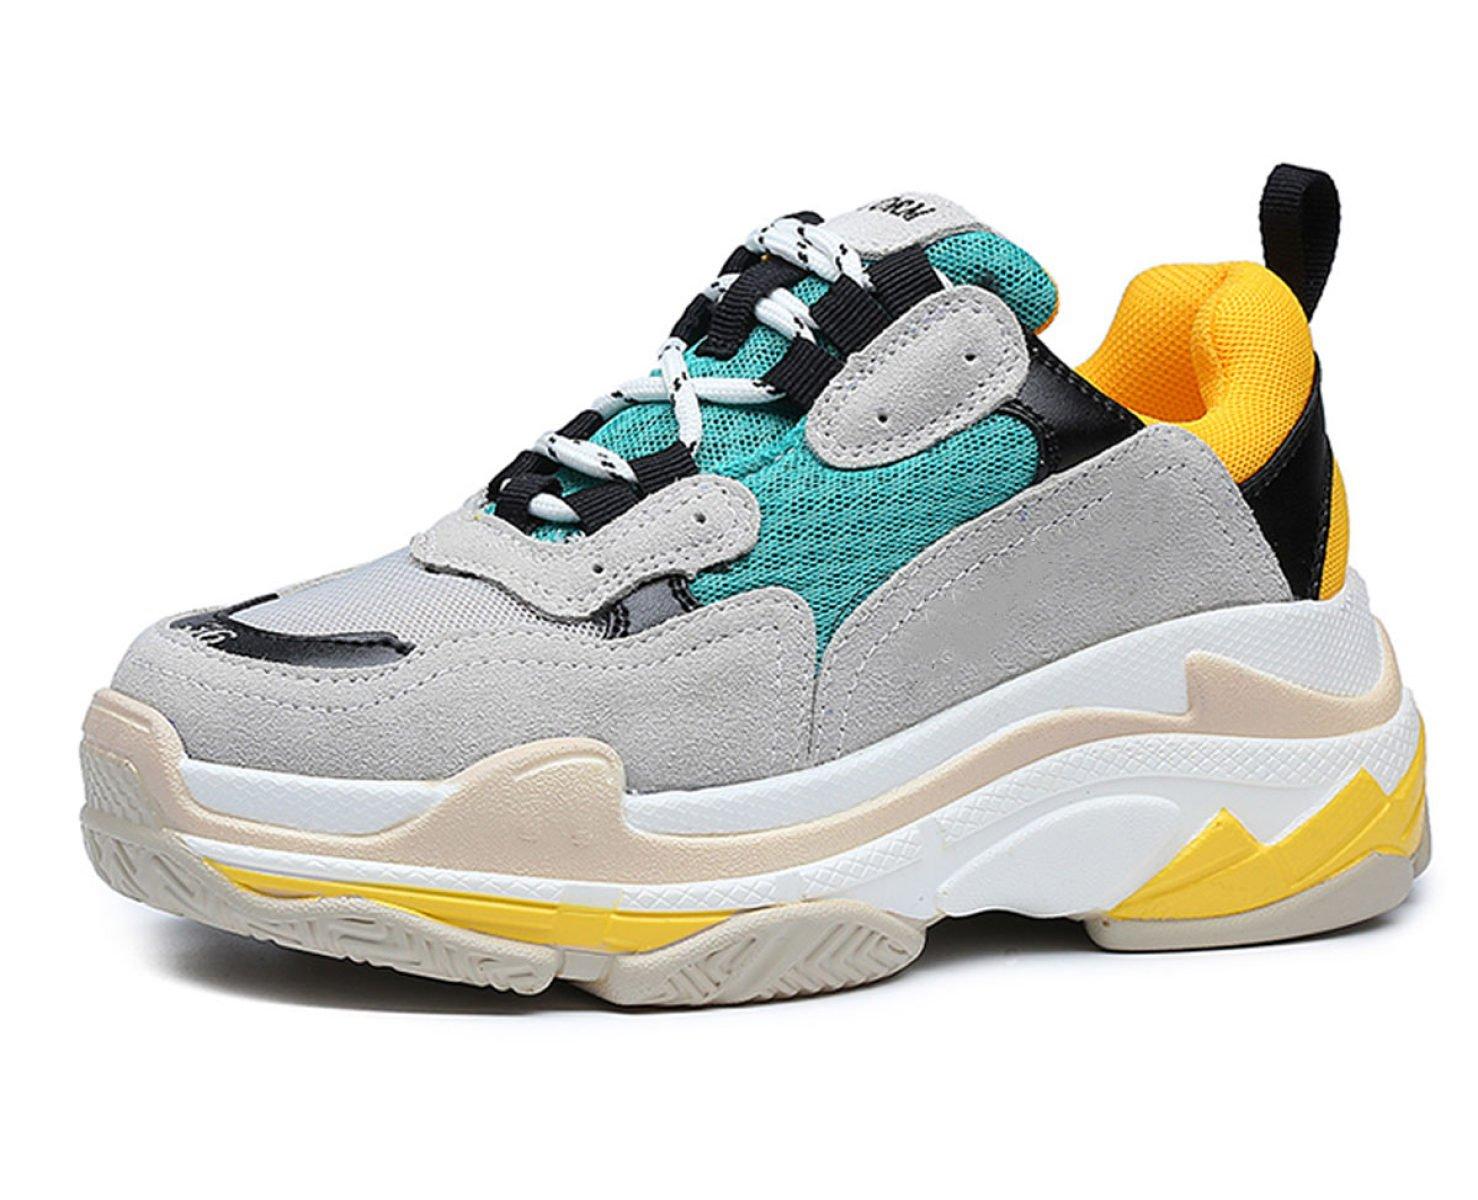 Yrps Zapatillas De Deporte Femeninas De La Primavera Zapatos Casuales Salvajes De La Muchacha Zapatillas De Deporte De La Moda 38 EU|A